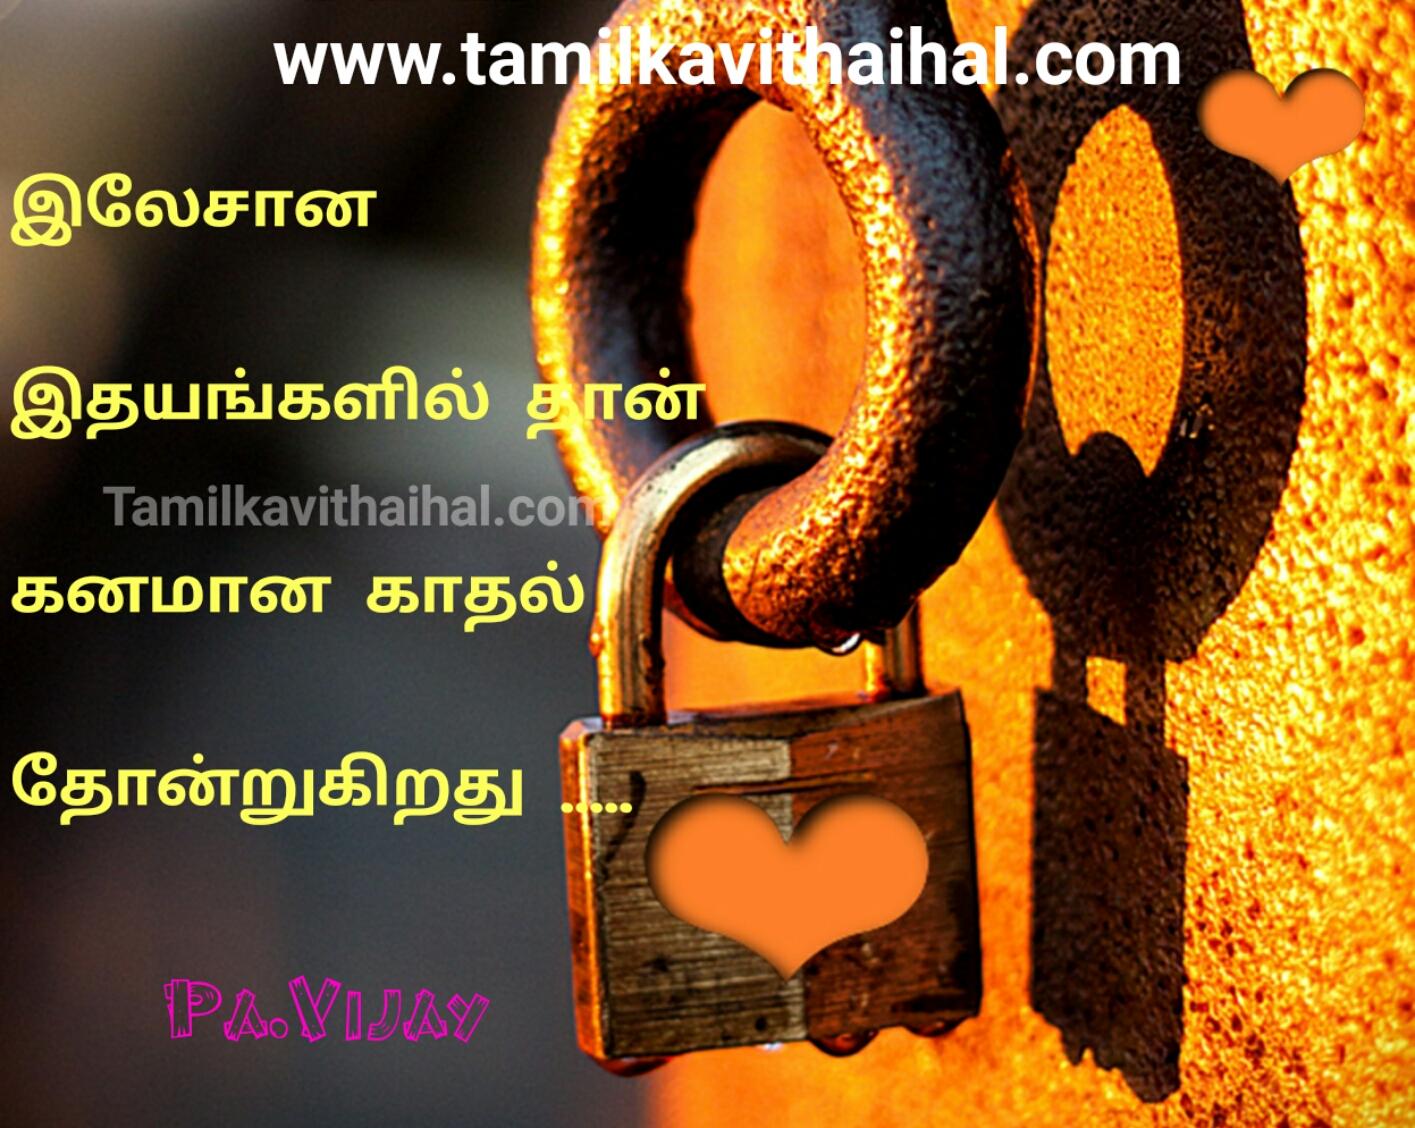 locked in ur heart feel lesana idhayam kanamana kadhal pa vijay kavithai